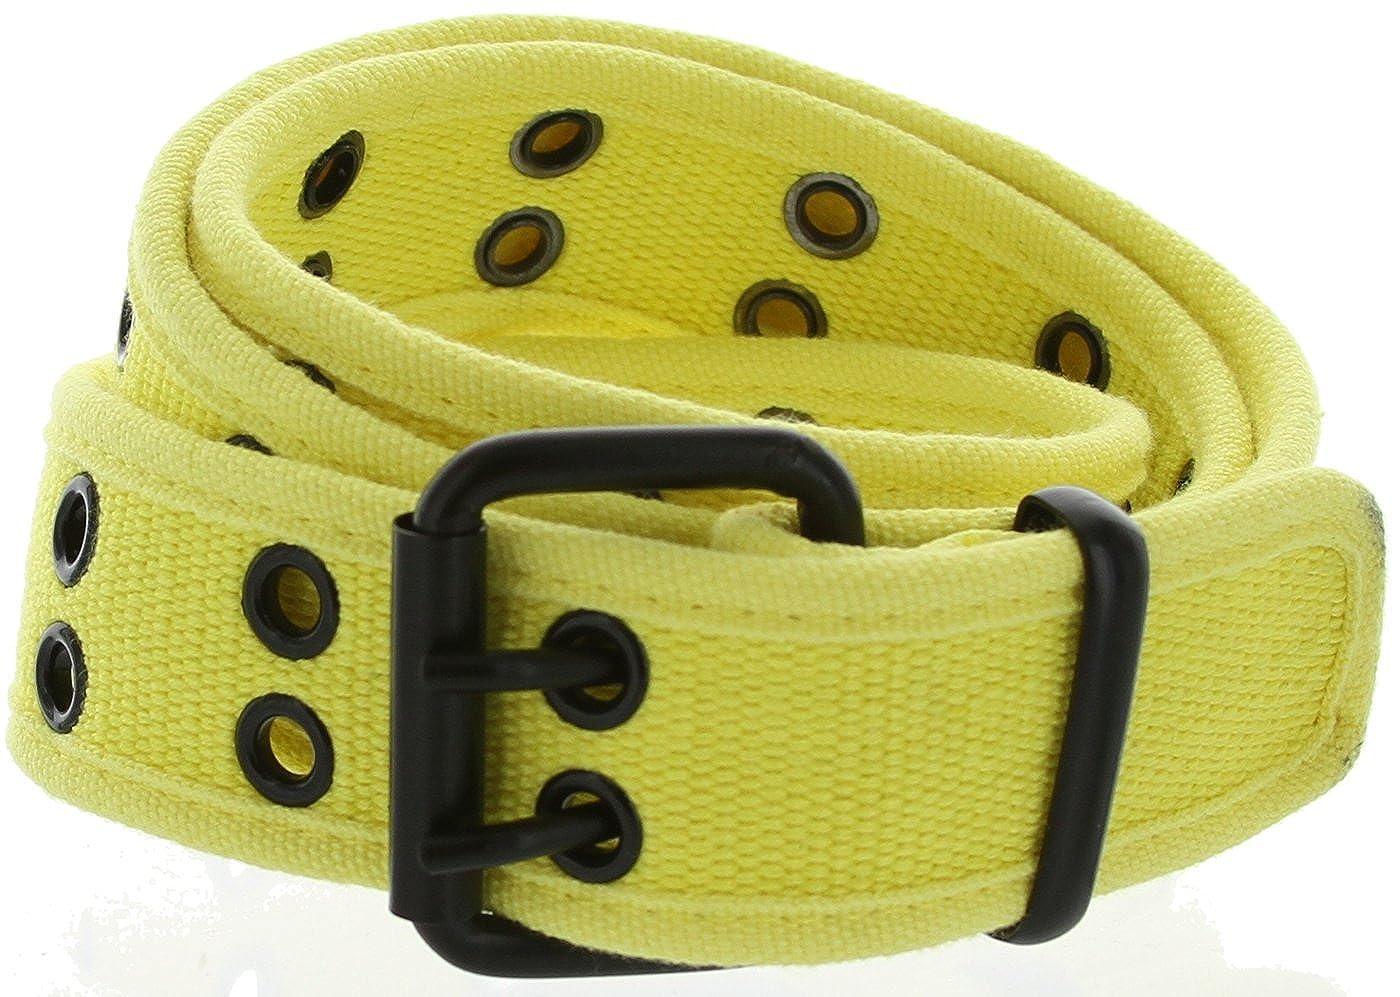 Double Hole Grommets Soft Fashion Color Canvas Web Belts